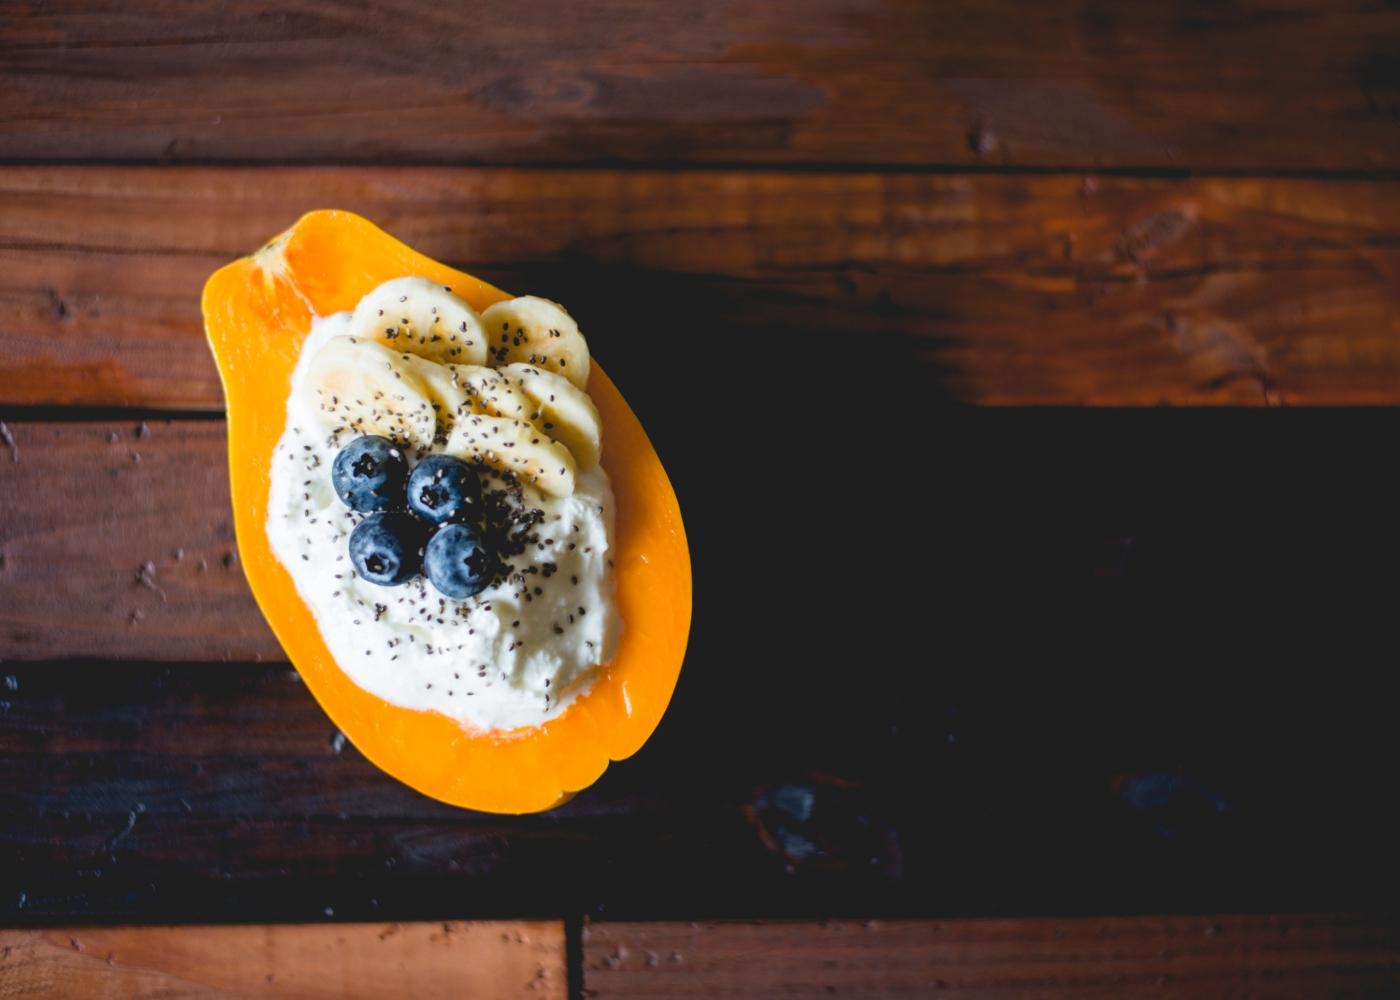 papaia recheada com iogurte, banana e mirtilos